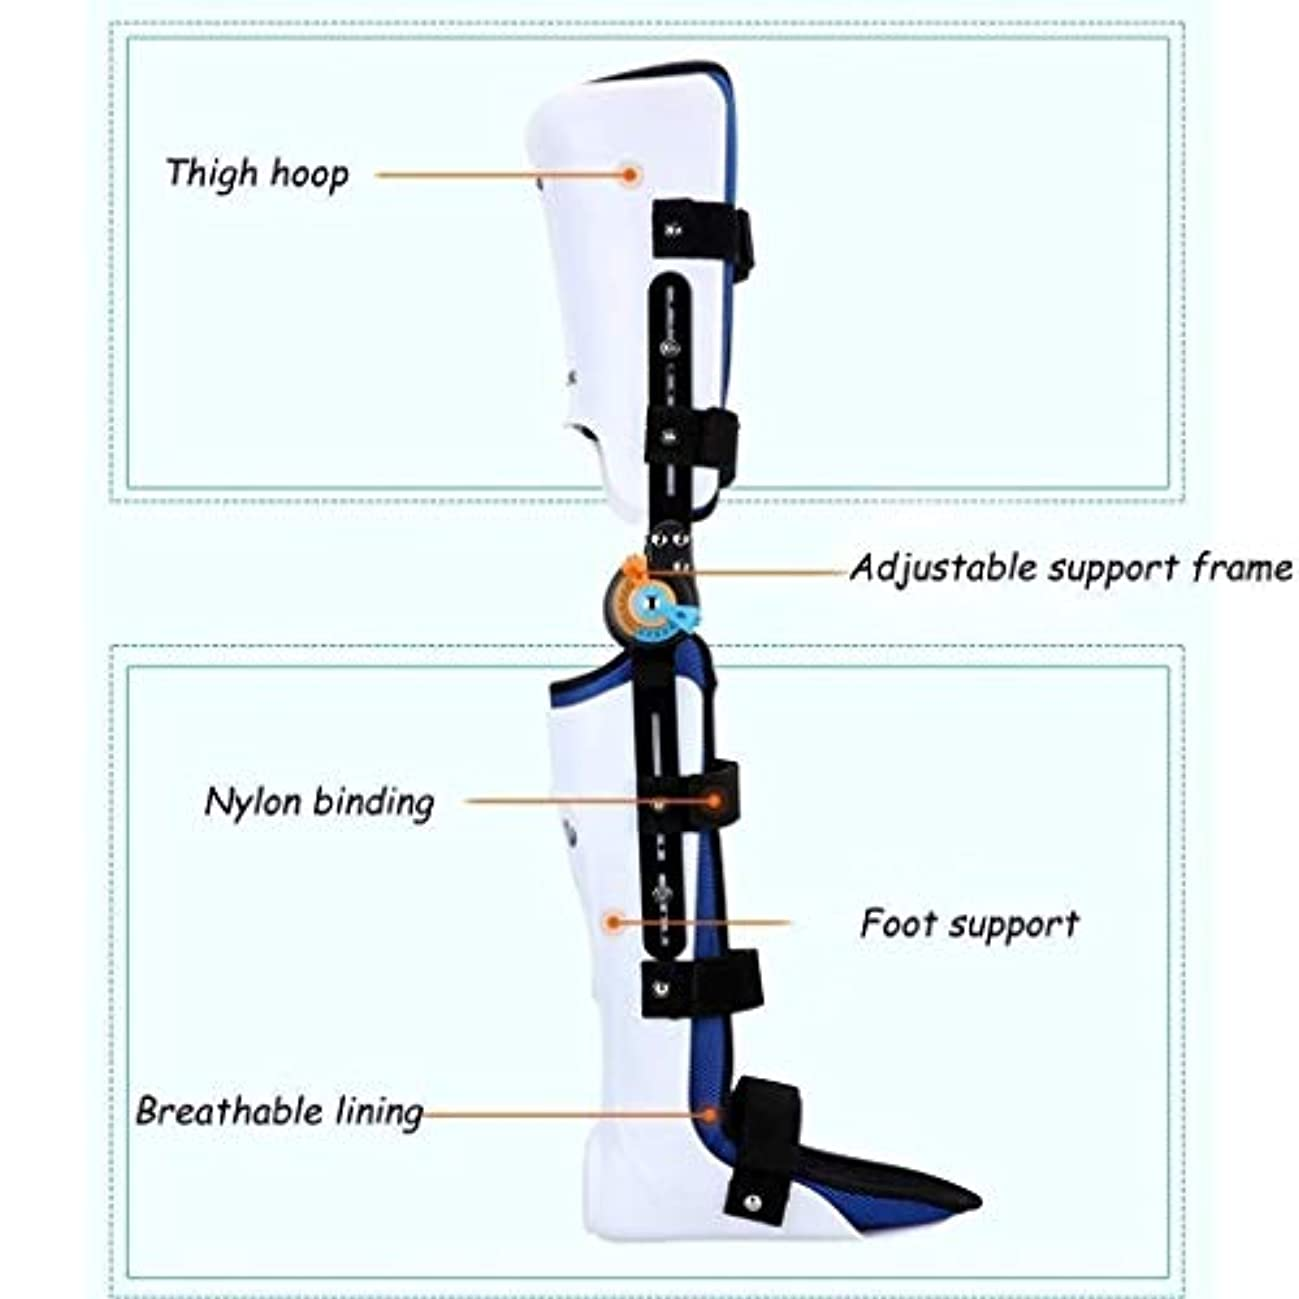 火山学者前方へ叙情的なヒンジ付きROM膝ブレース、膝蓋骨損傷イモビライザーサポート医療整形外科用ガードプロテクター-ACL、靭帯、スポーツ傷害用の調整可能なフルレッグスタビライザー (Color : As Picture, Size : Left)